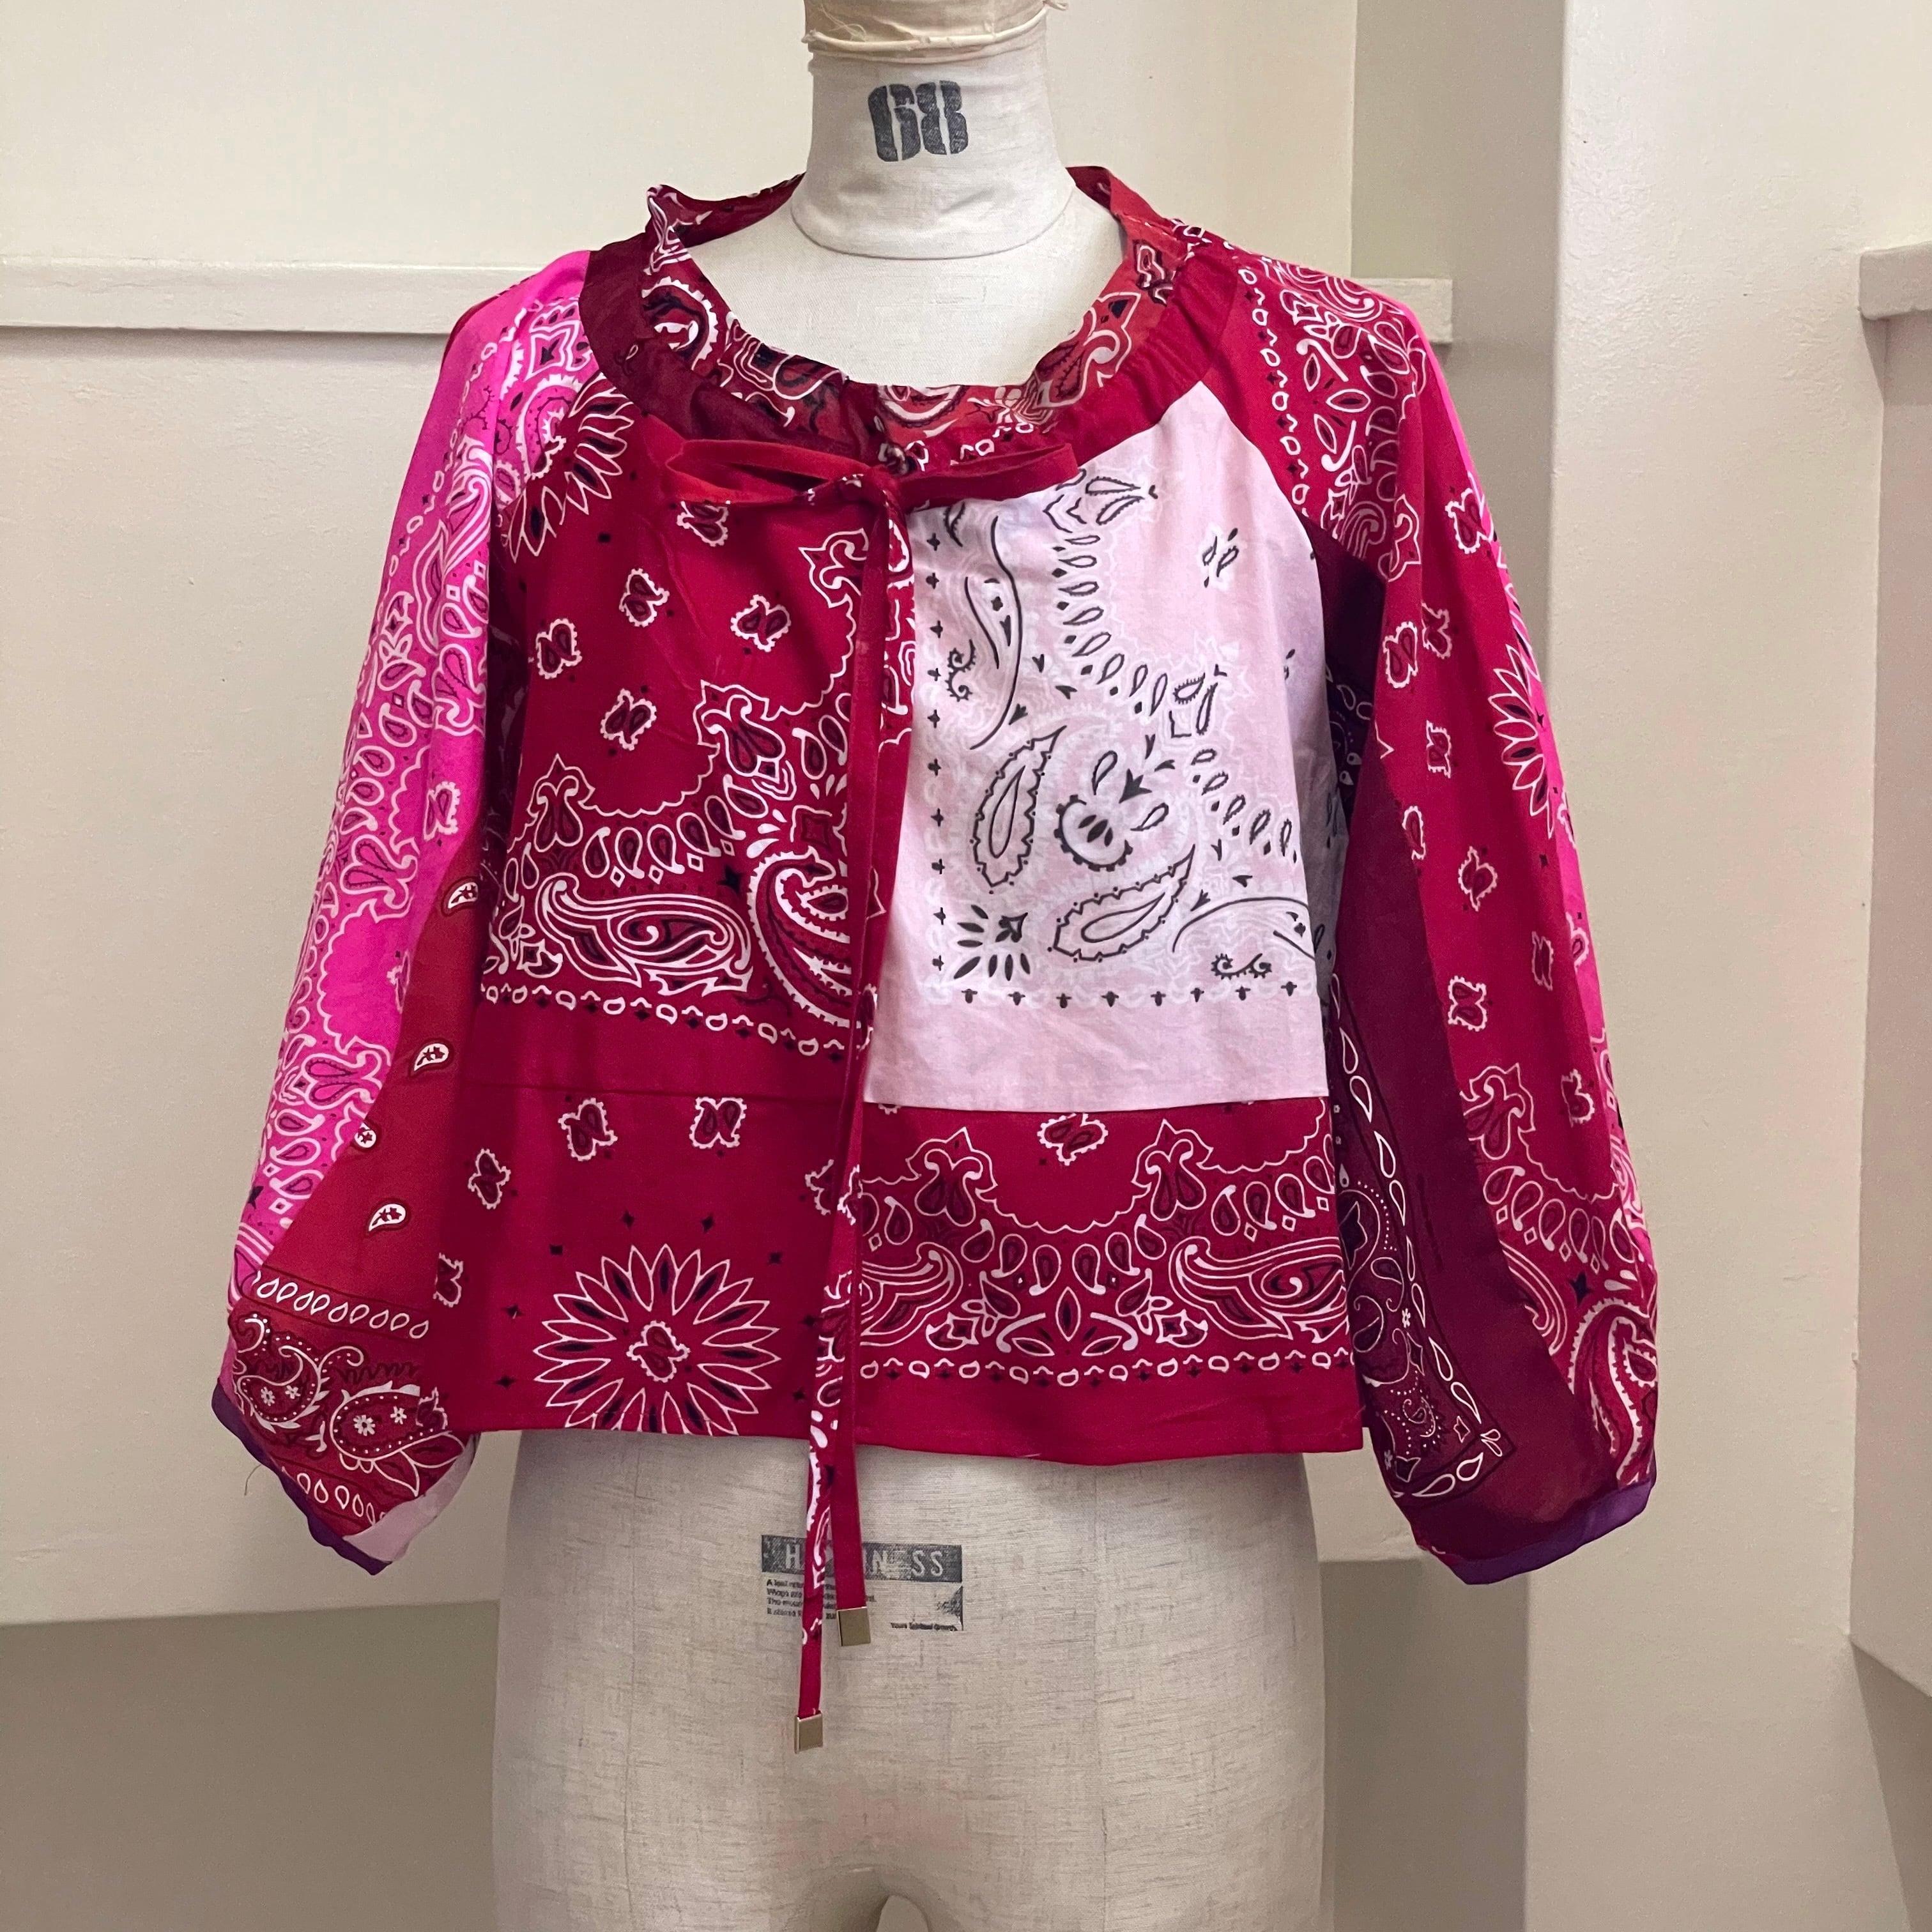 【RehersalL】bandanna tyrole blouse(red B) /【リハーズオール】バンダナチロリブラウス(レッドB)